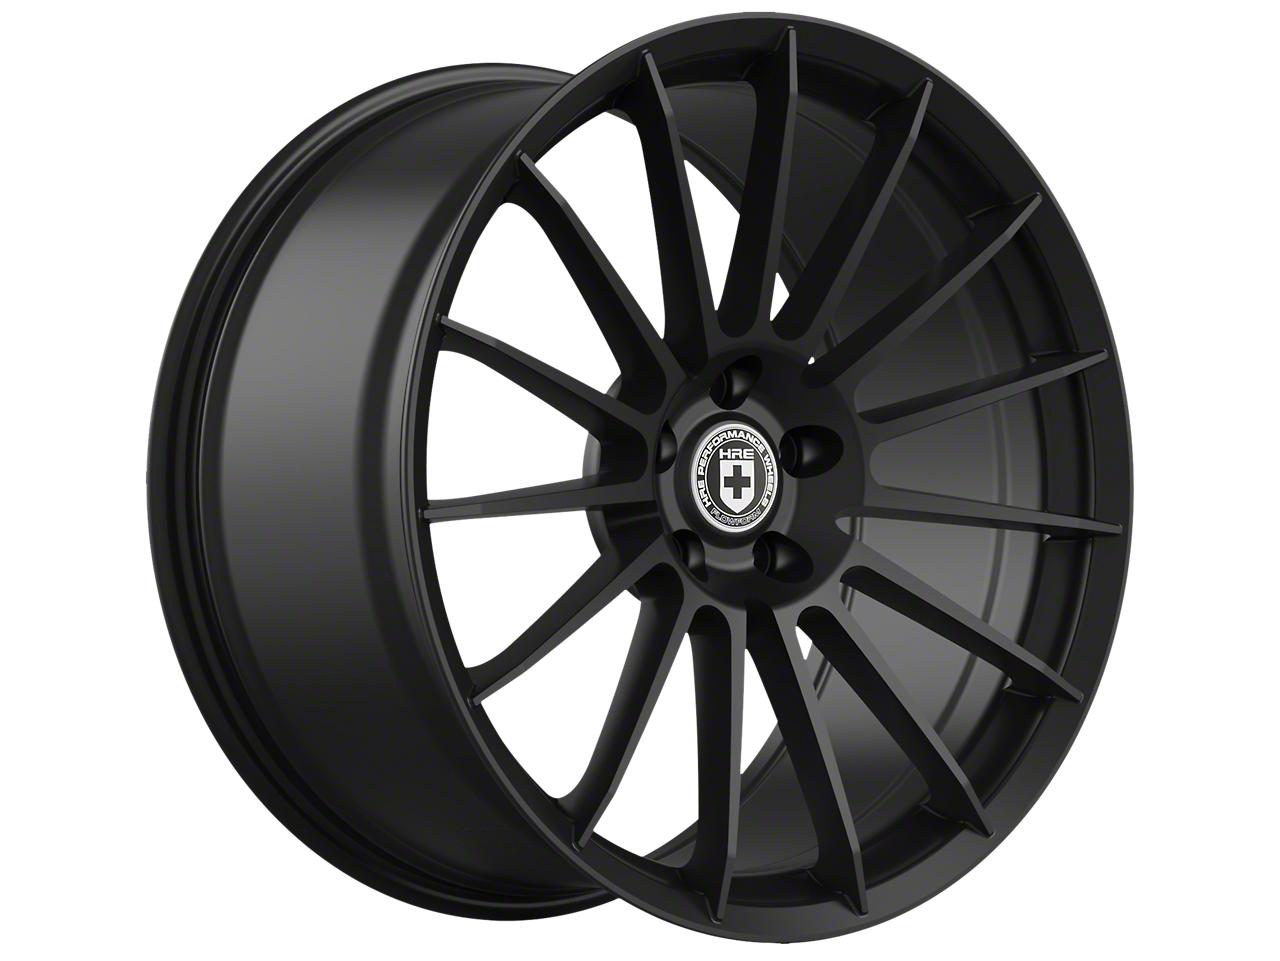 HRE Flowform FF15 Tarmac Black Wheel - 20x10 (05-14 All)